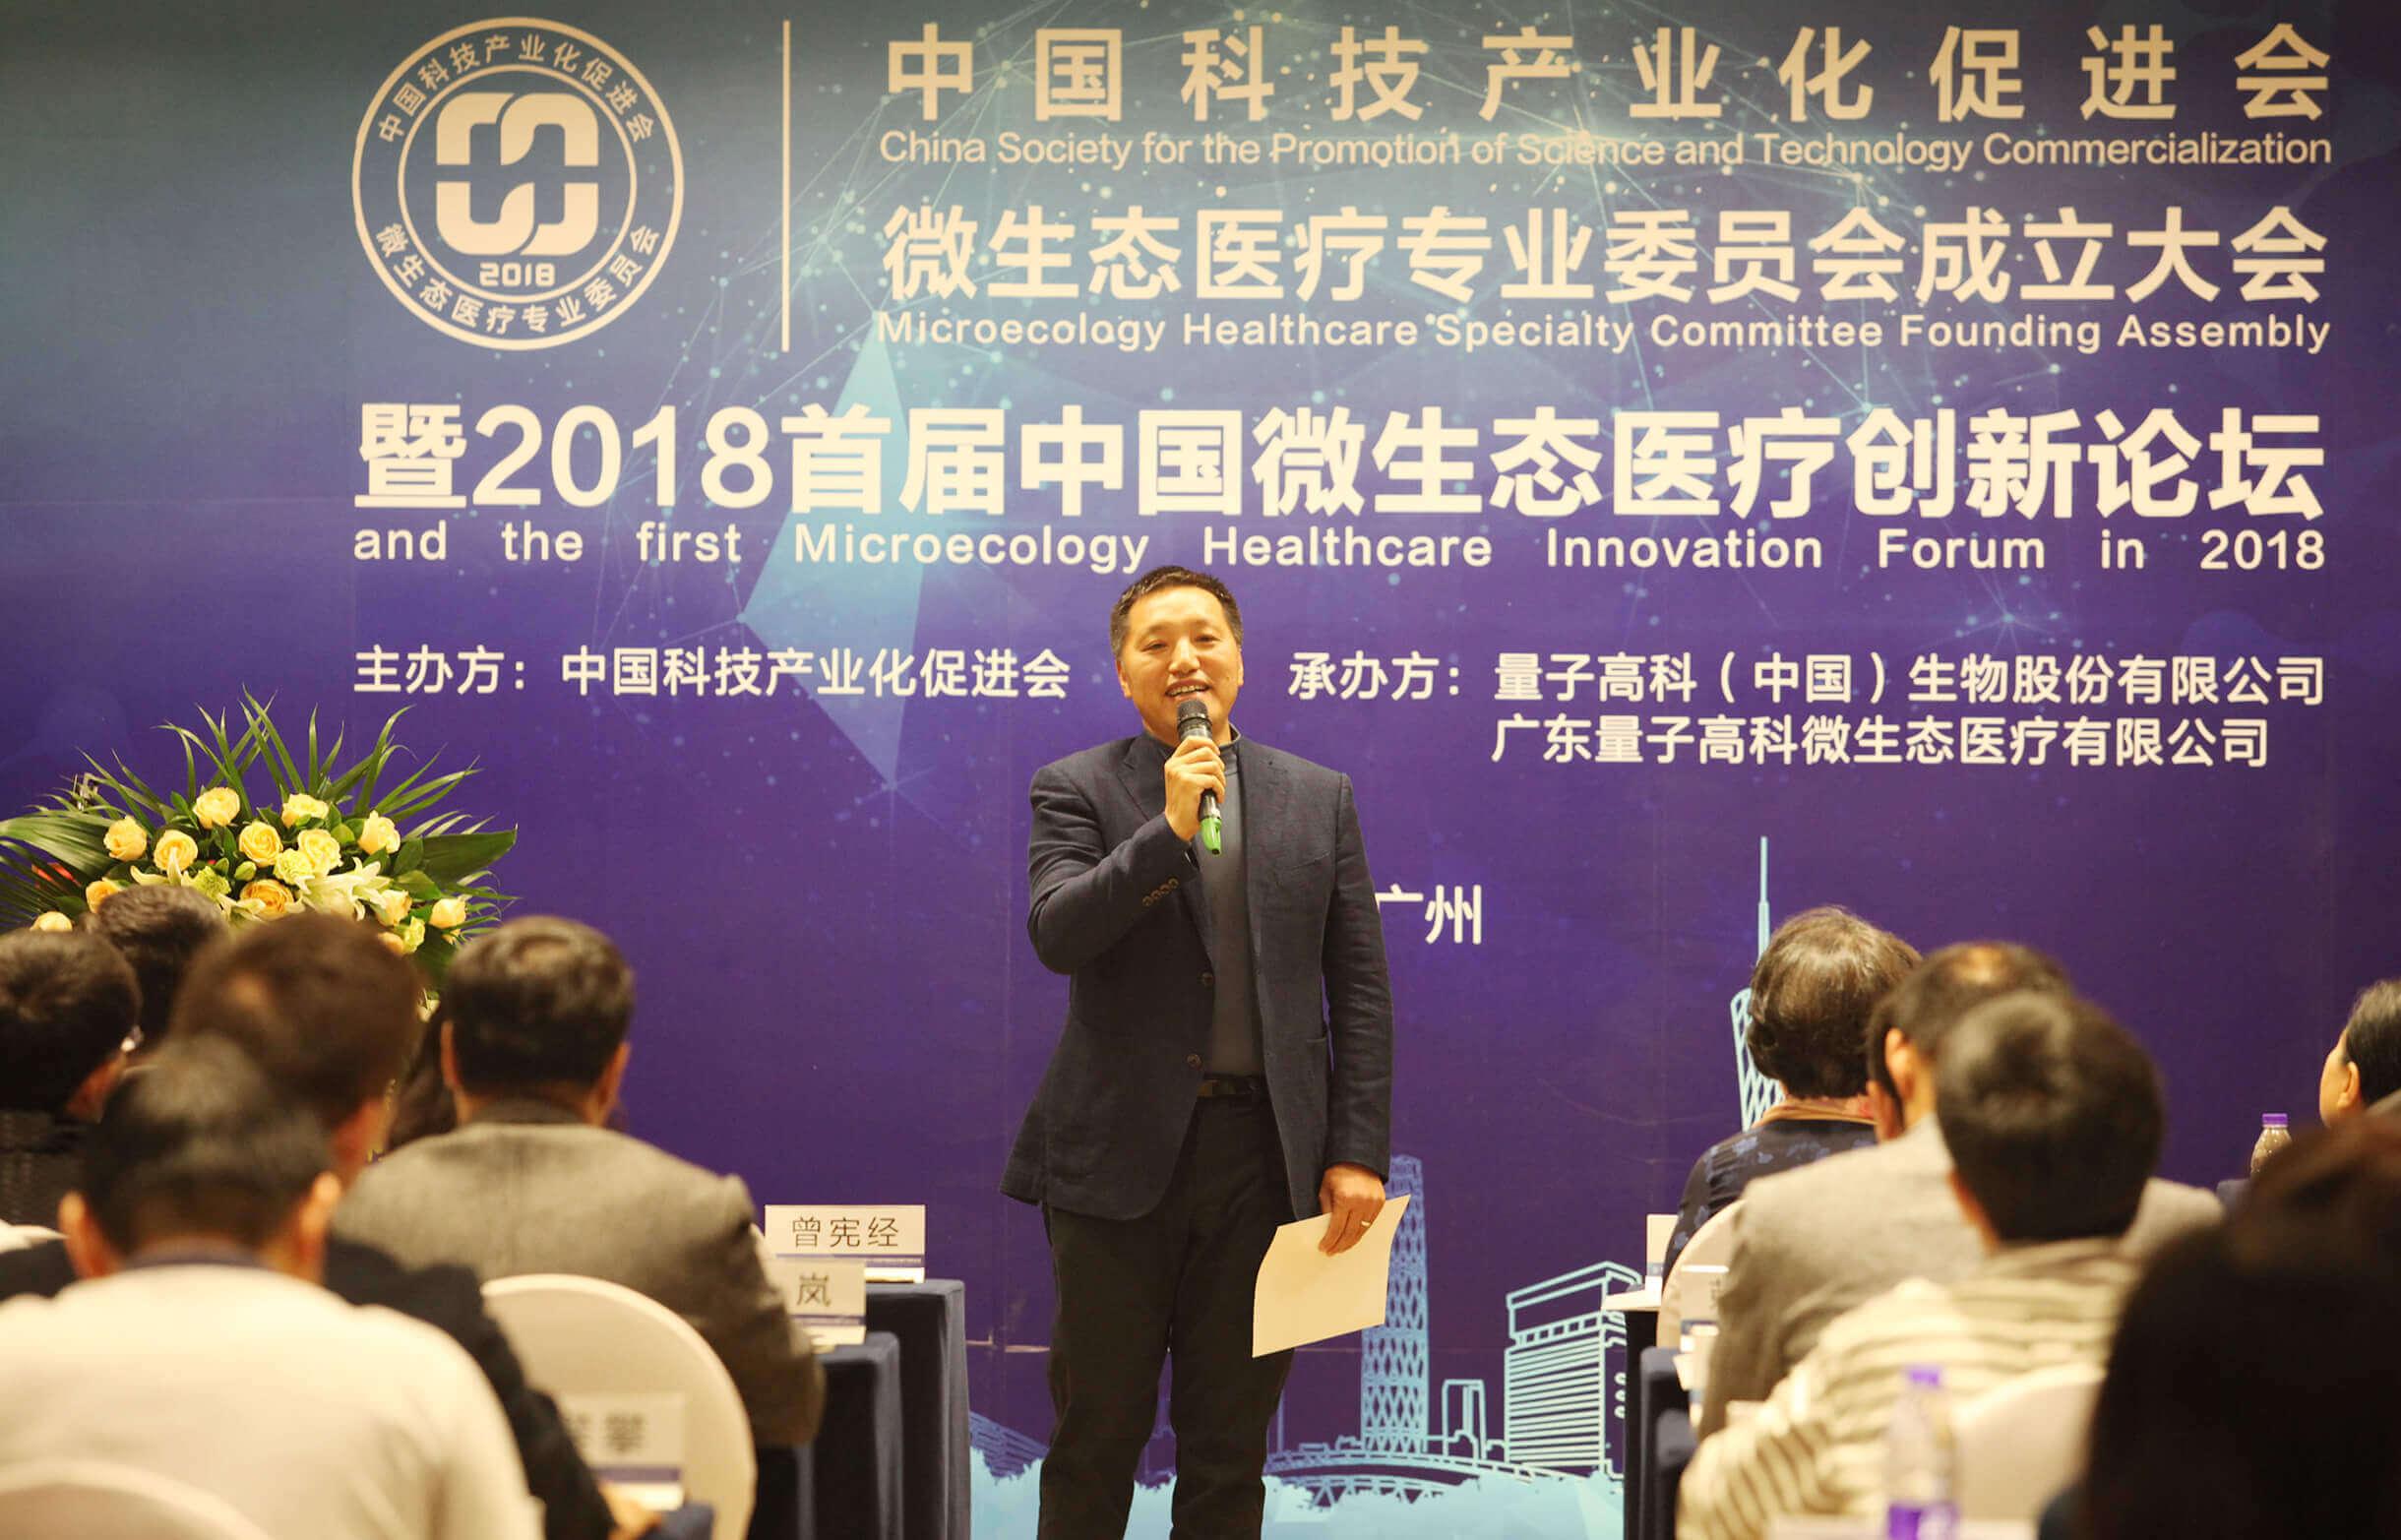 2018年11月9日微生态医疗专业委员会成立大会,量子生物董事长曾宪经作总结发言